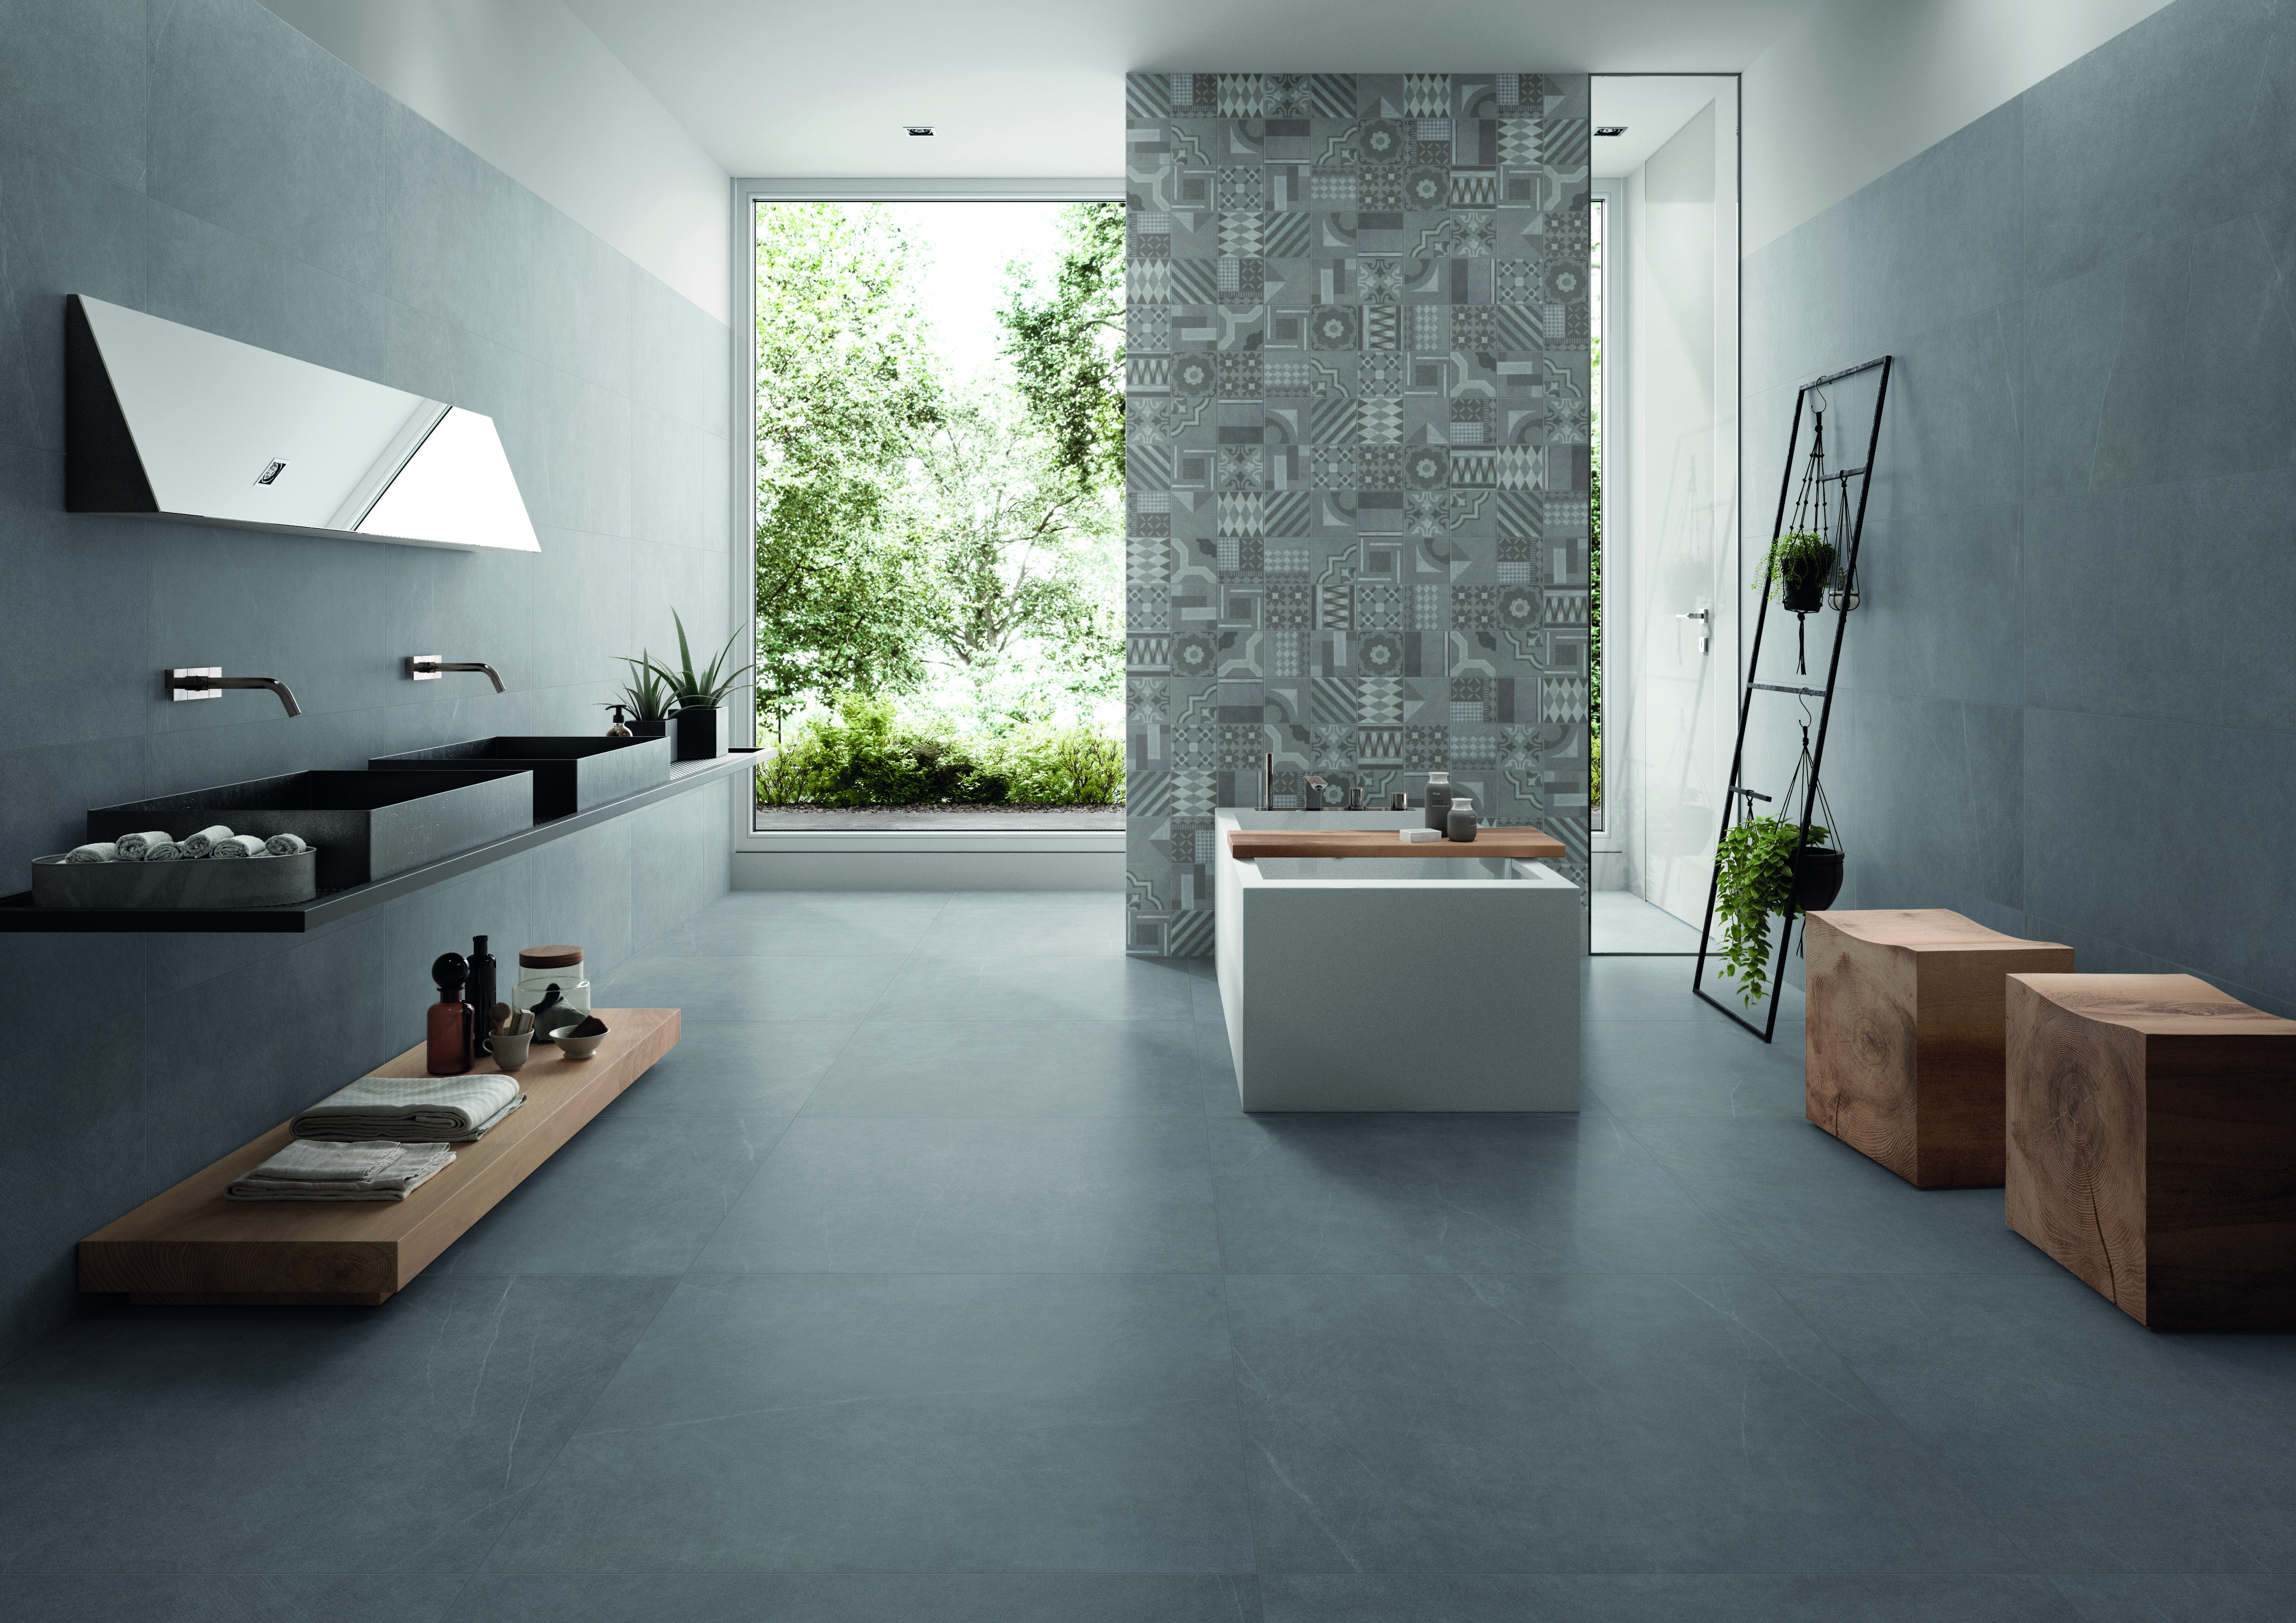 Badezimmer in Steinoptik  moderne Fliesen wwwfranke